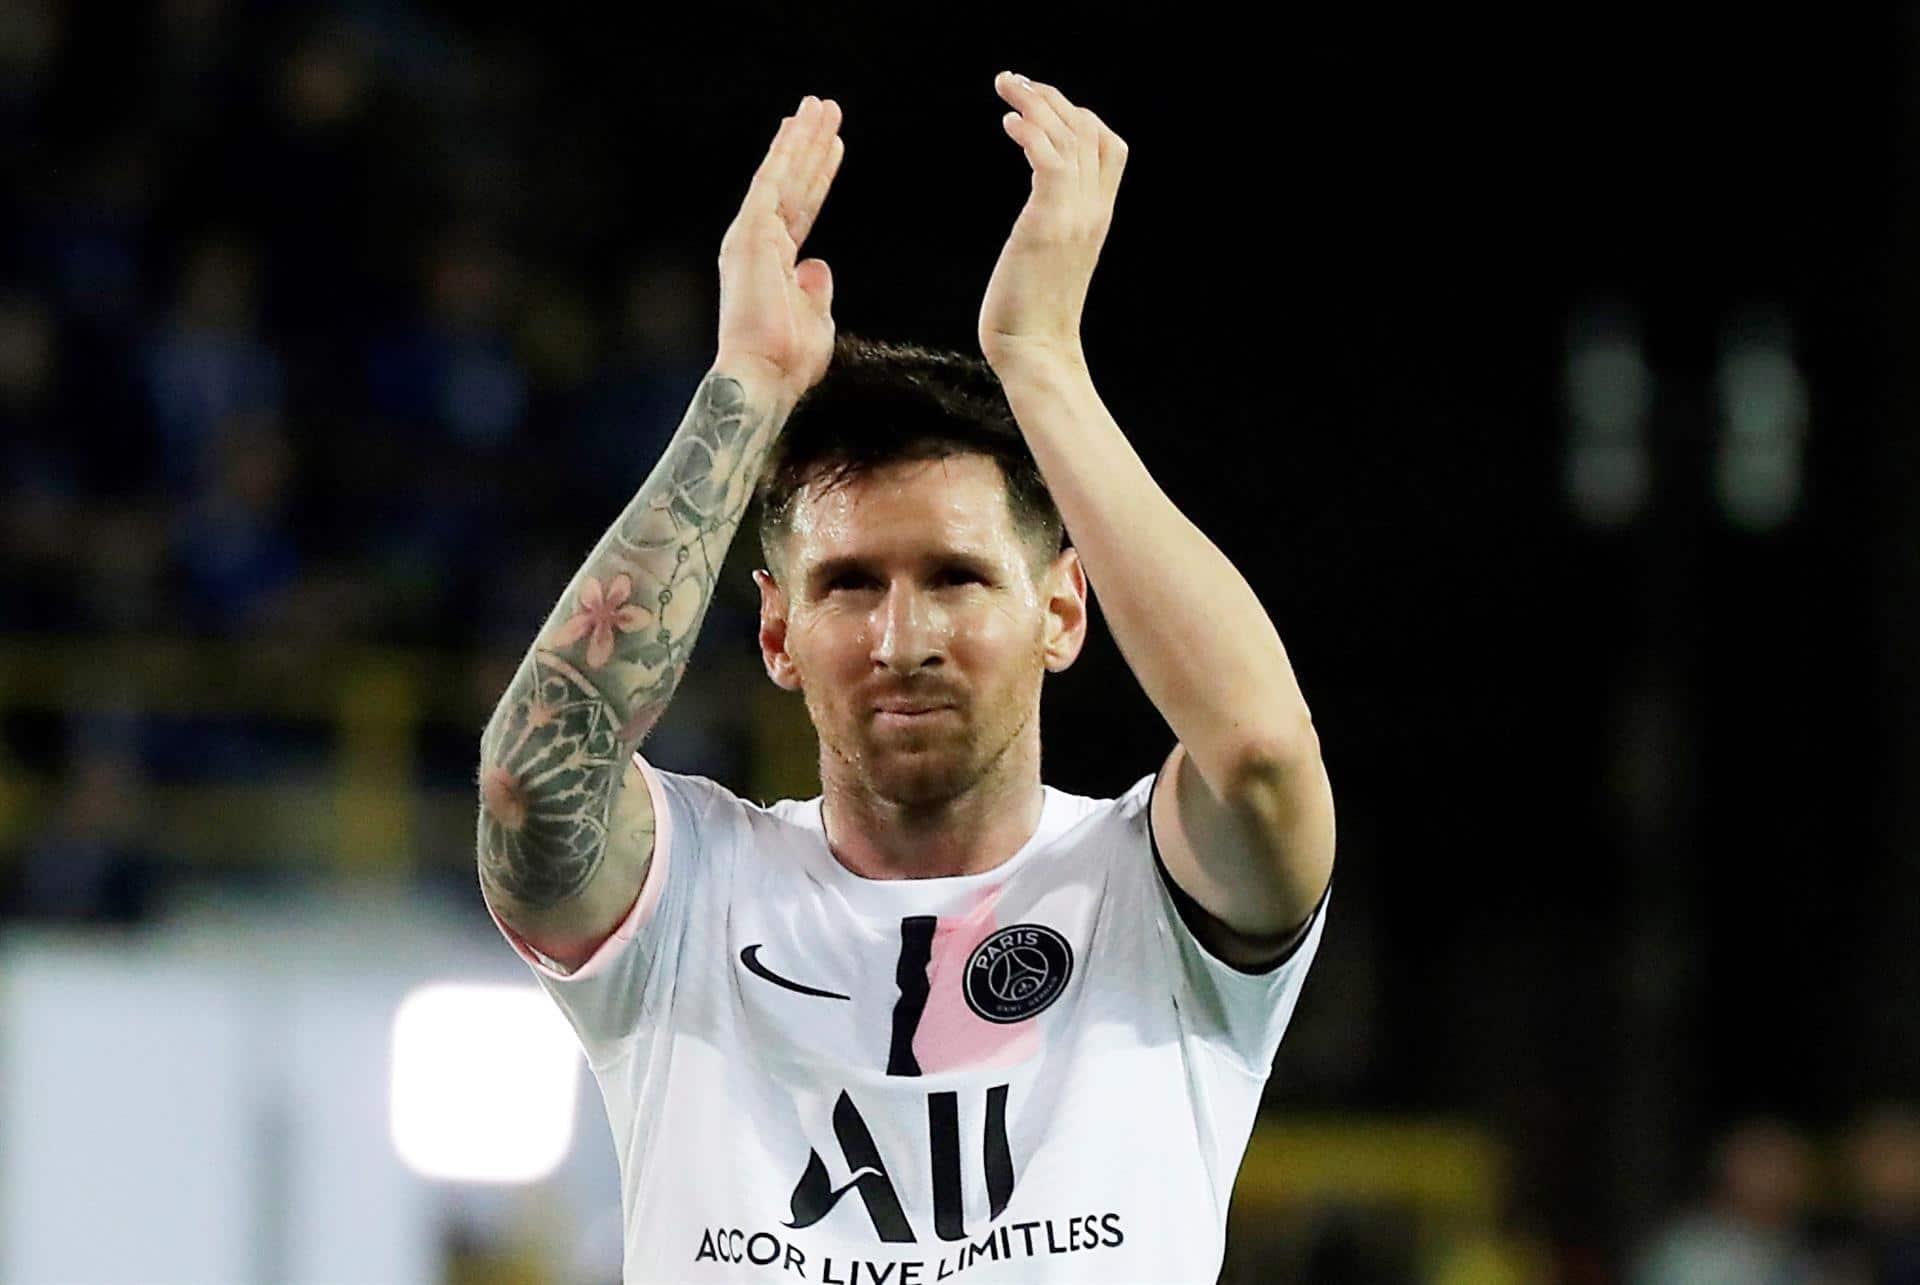 Messi ganará 110 millones de euros en el PSG, revelan medios